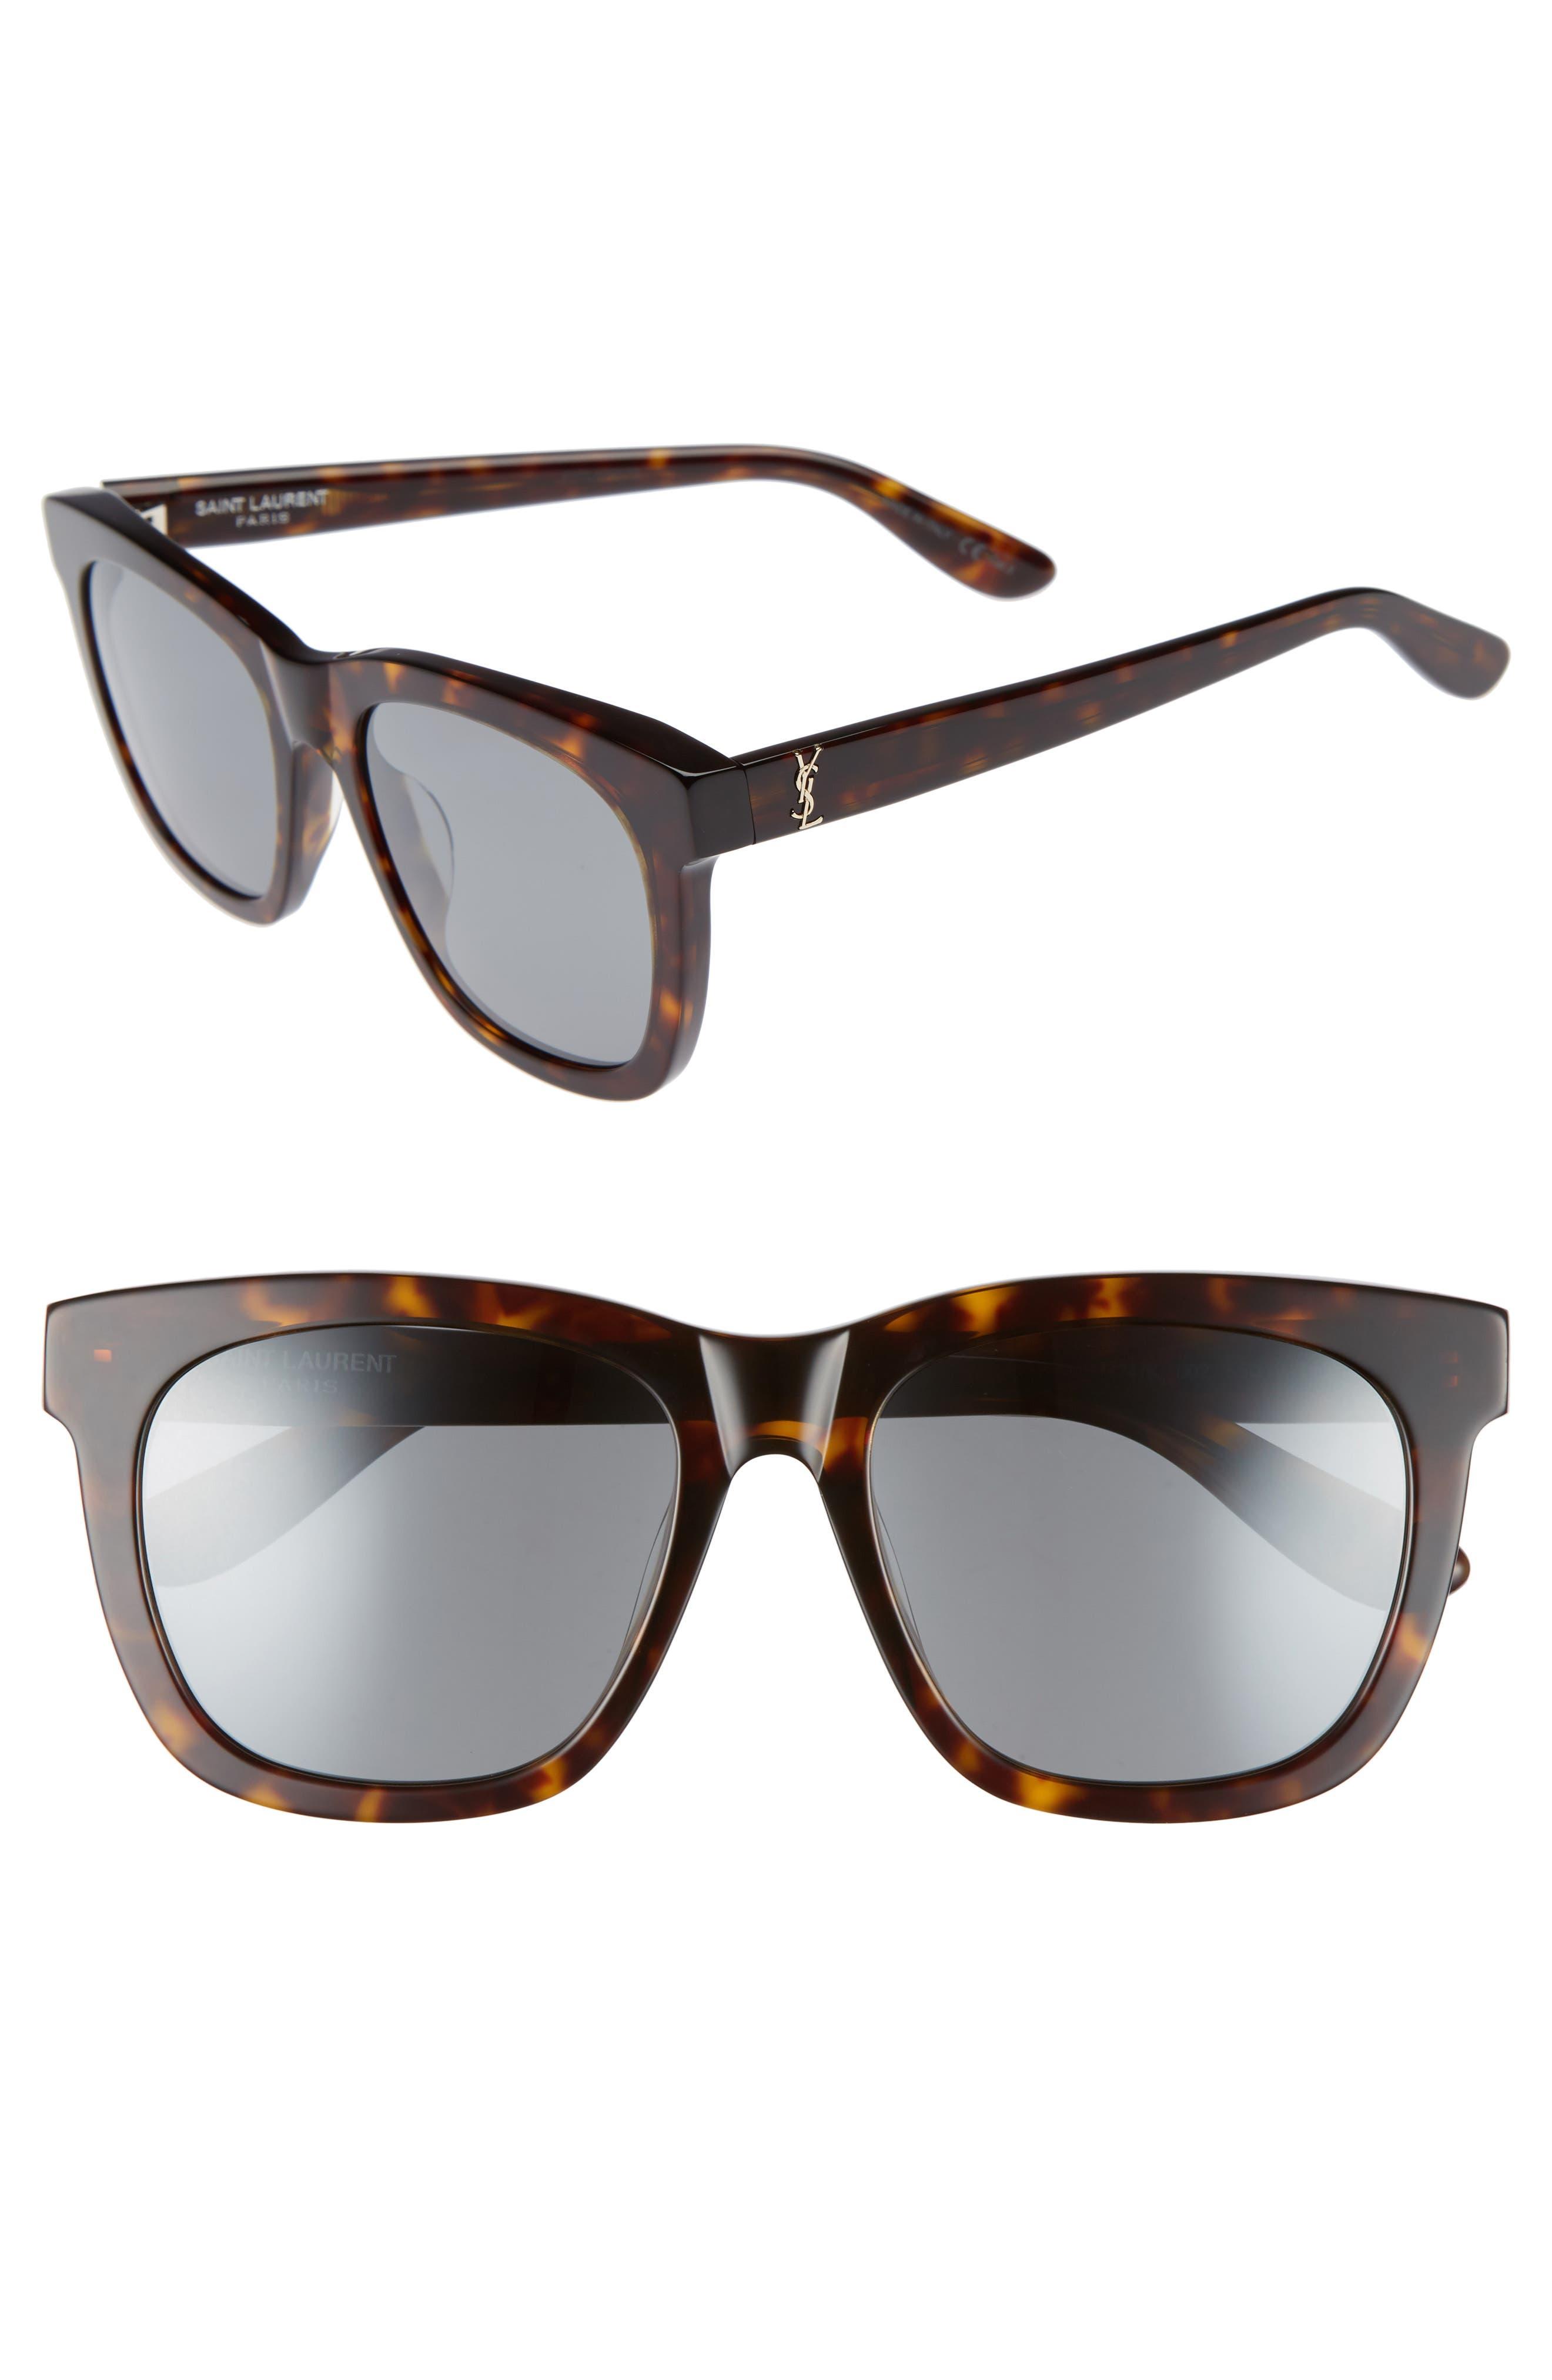 Saint Laurent 55mm Sunglasses